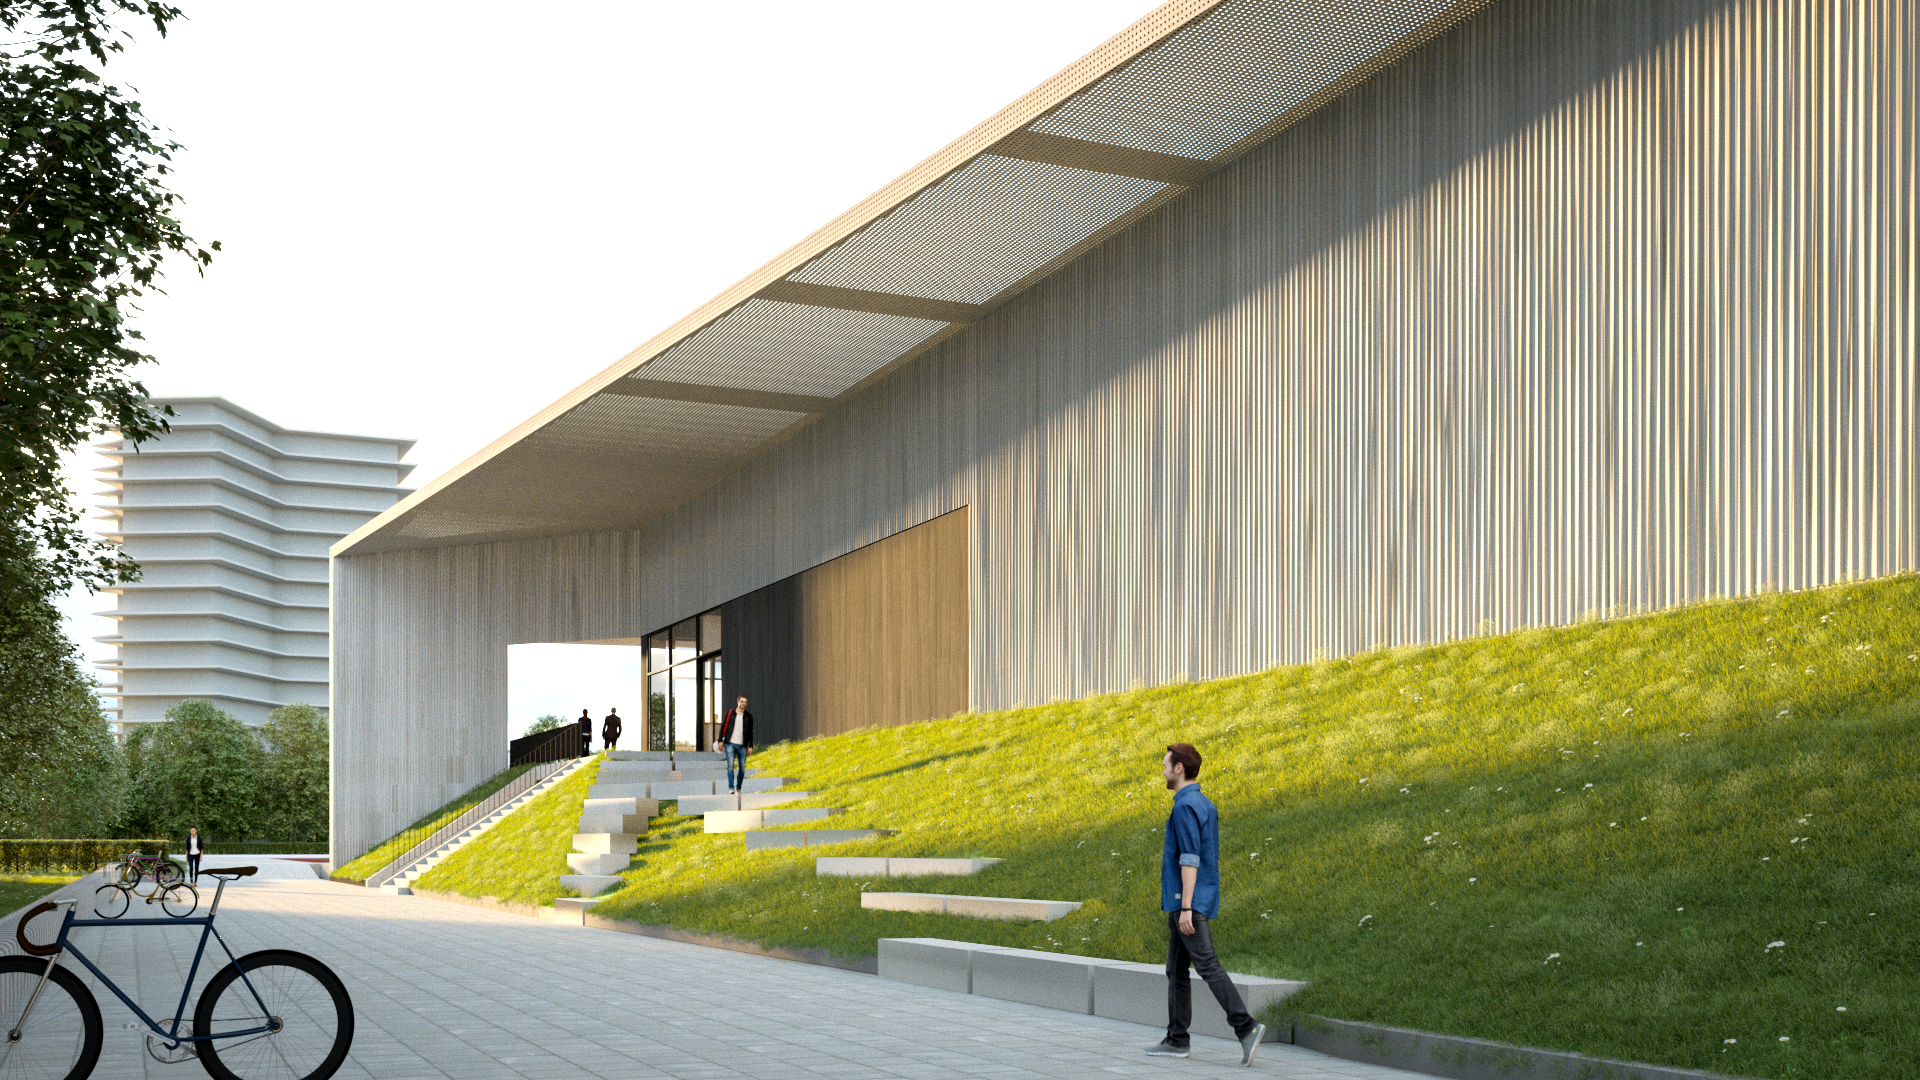 Kv wageningen door lichtstad architecten kv wageningen